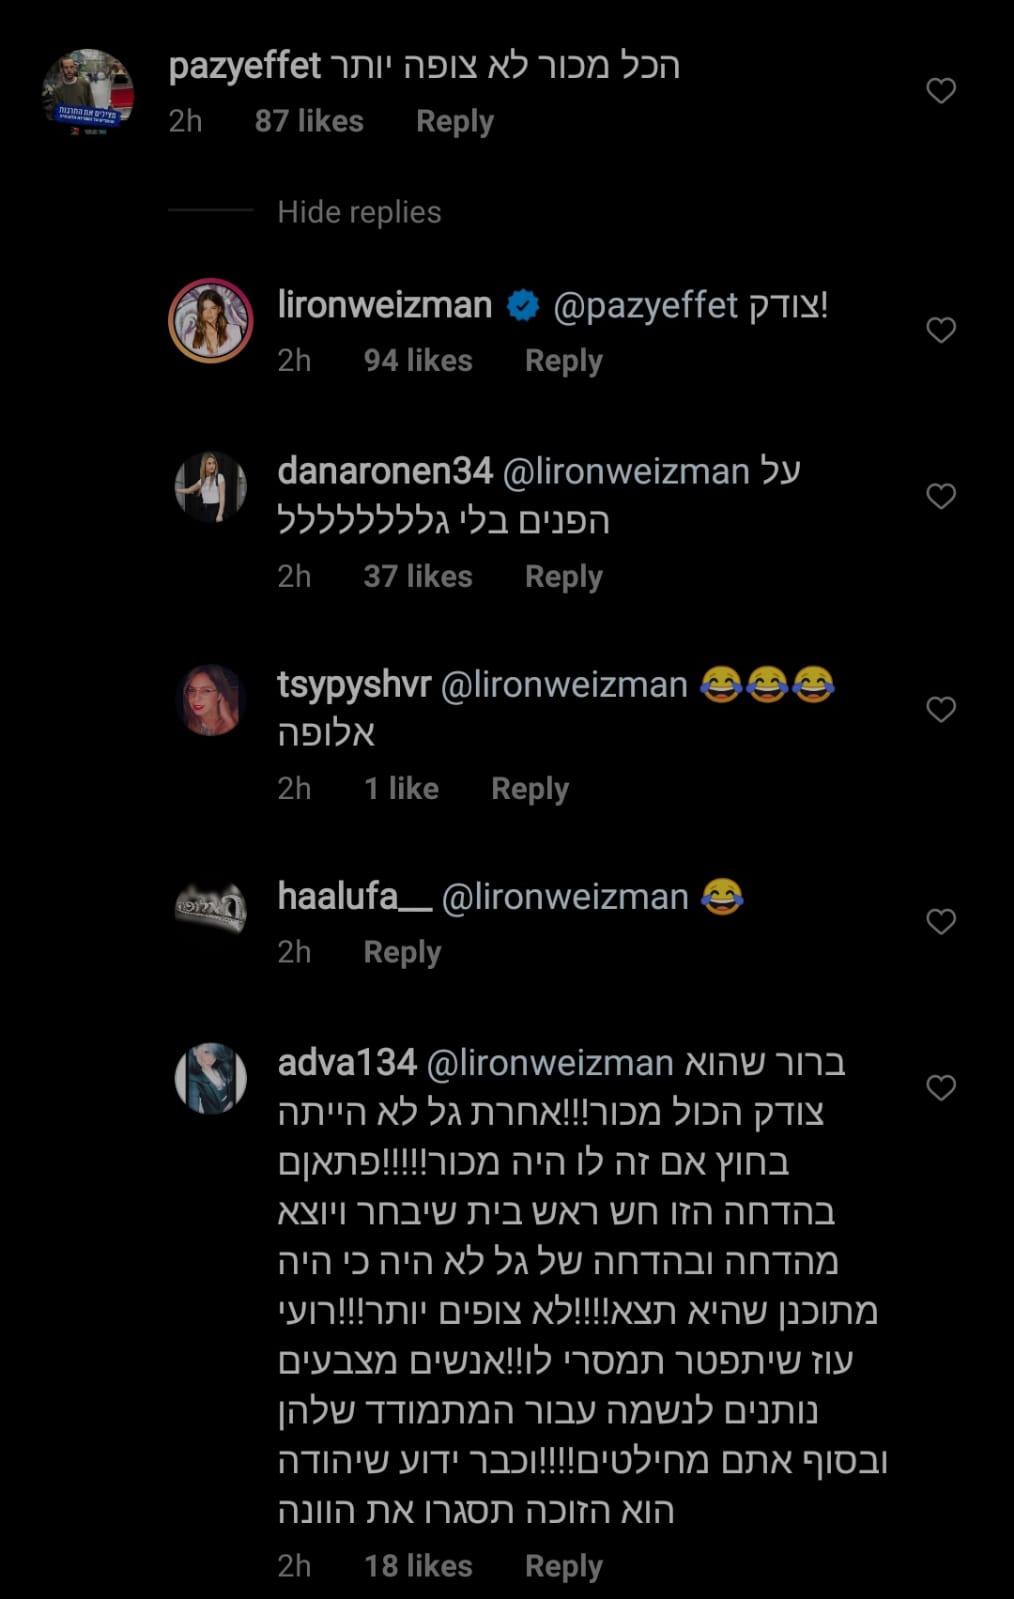 הצופים בהלם: המנחה לירון וייצמן הסכימה בפוסט שהכל מכור!?